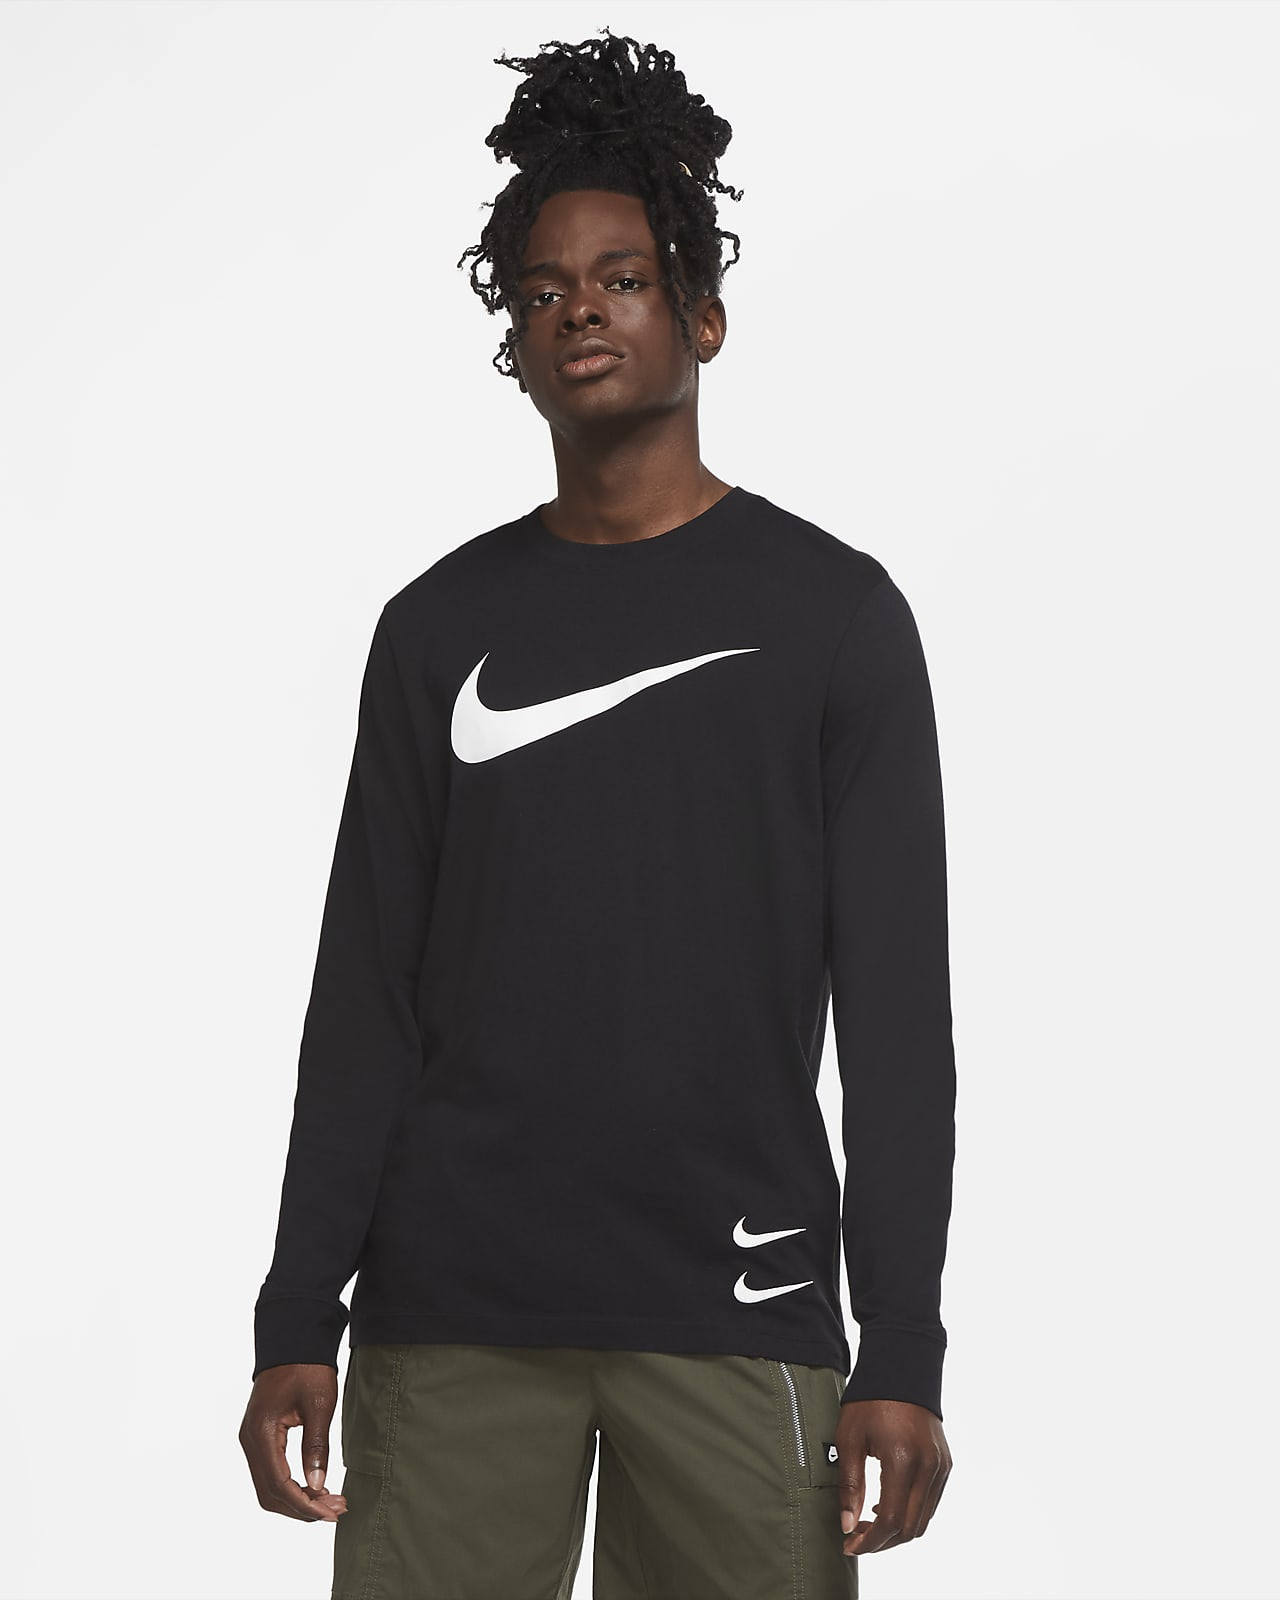 Nike Sportswear Swoosh Men's Longsleeve Tshirt Nike